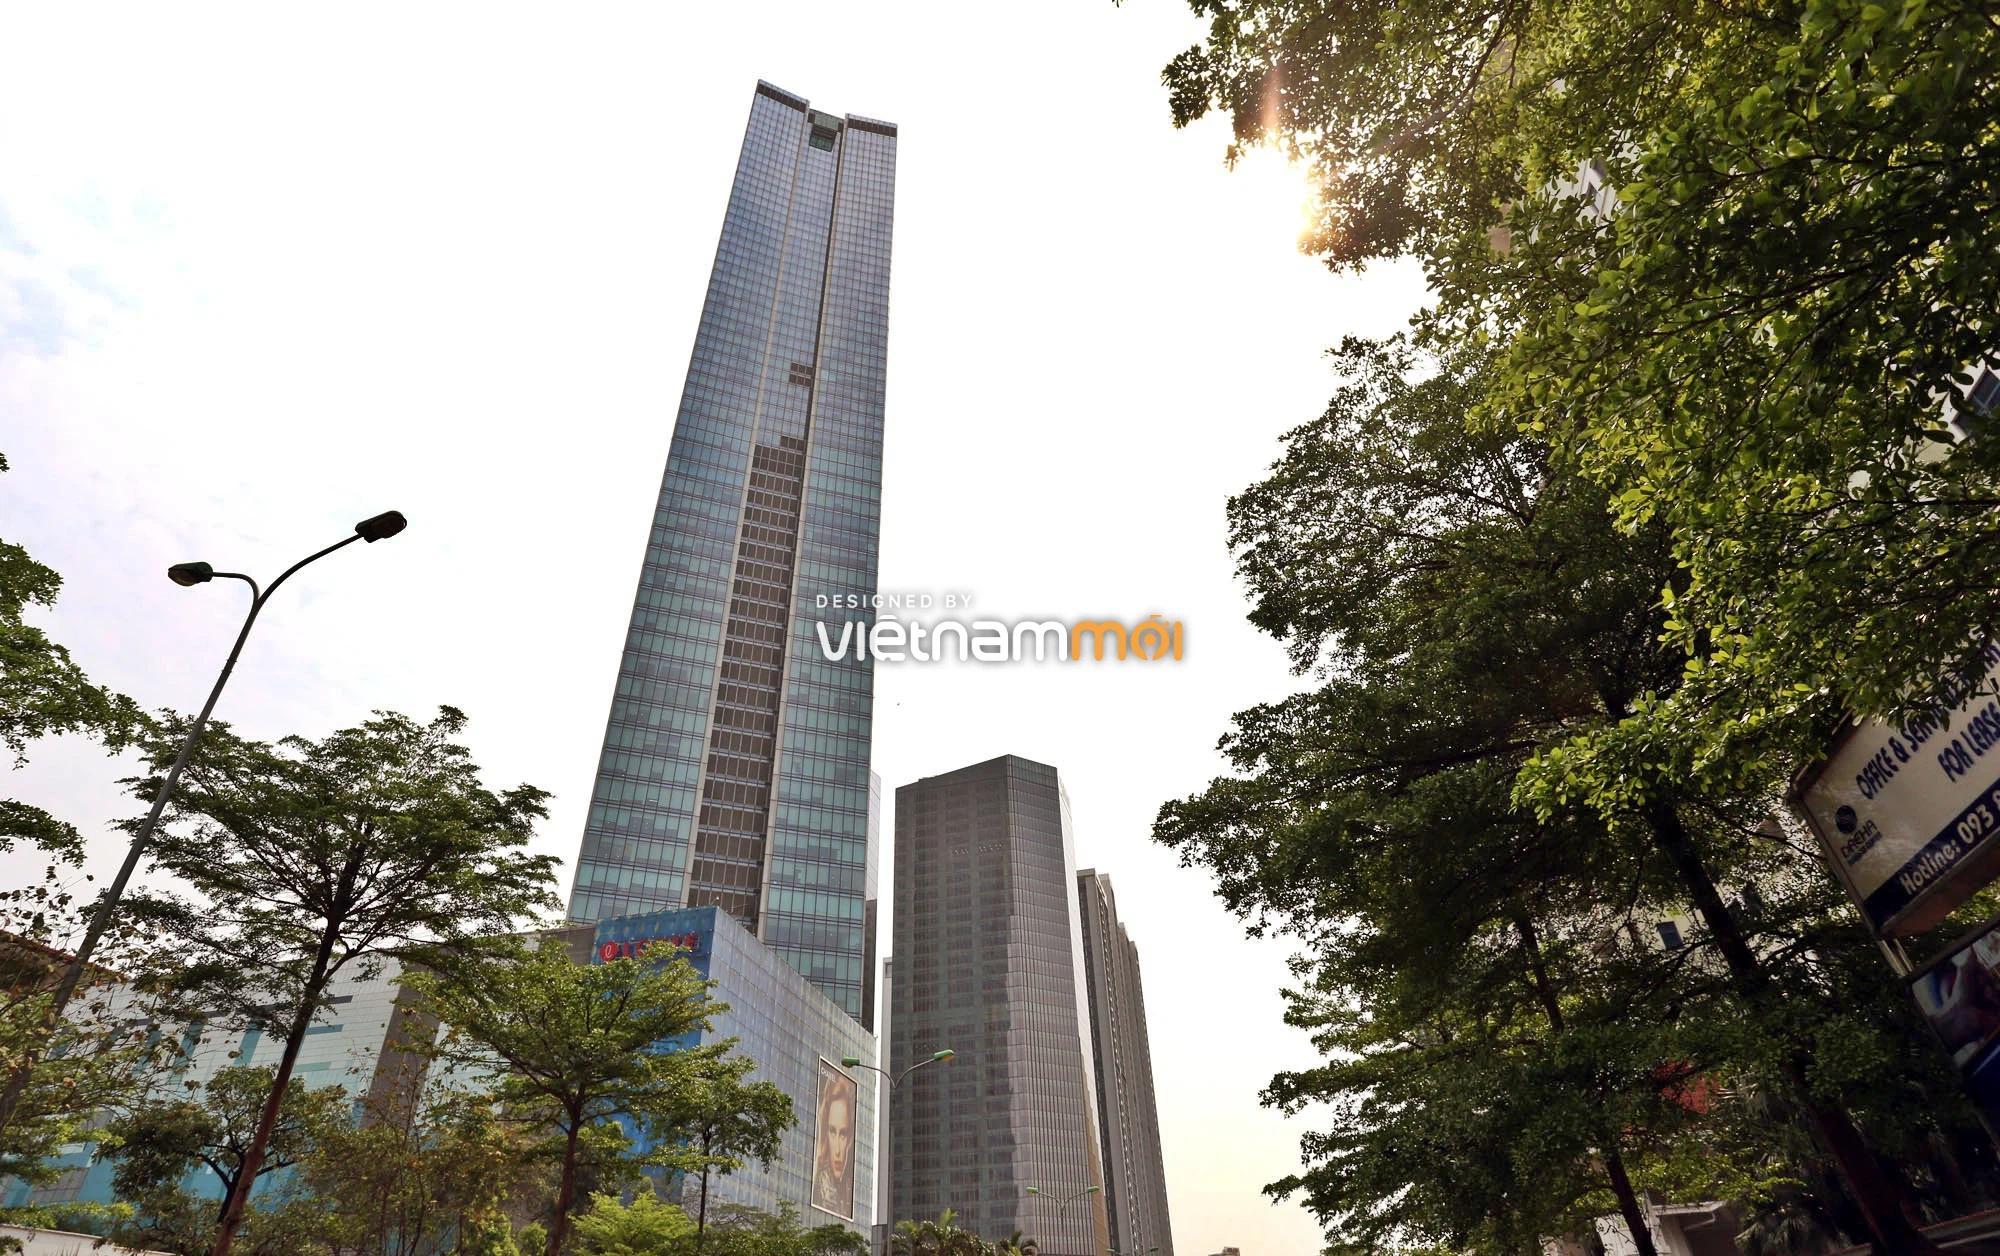 Cận cảnh tòa nhà duy nhất được xây trên 50 tầng ở vùng nội đô lịch sử - Ảnh 13.